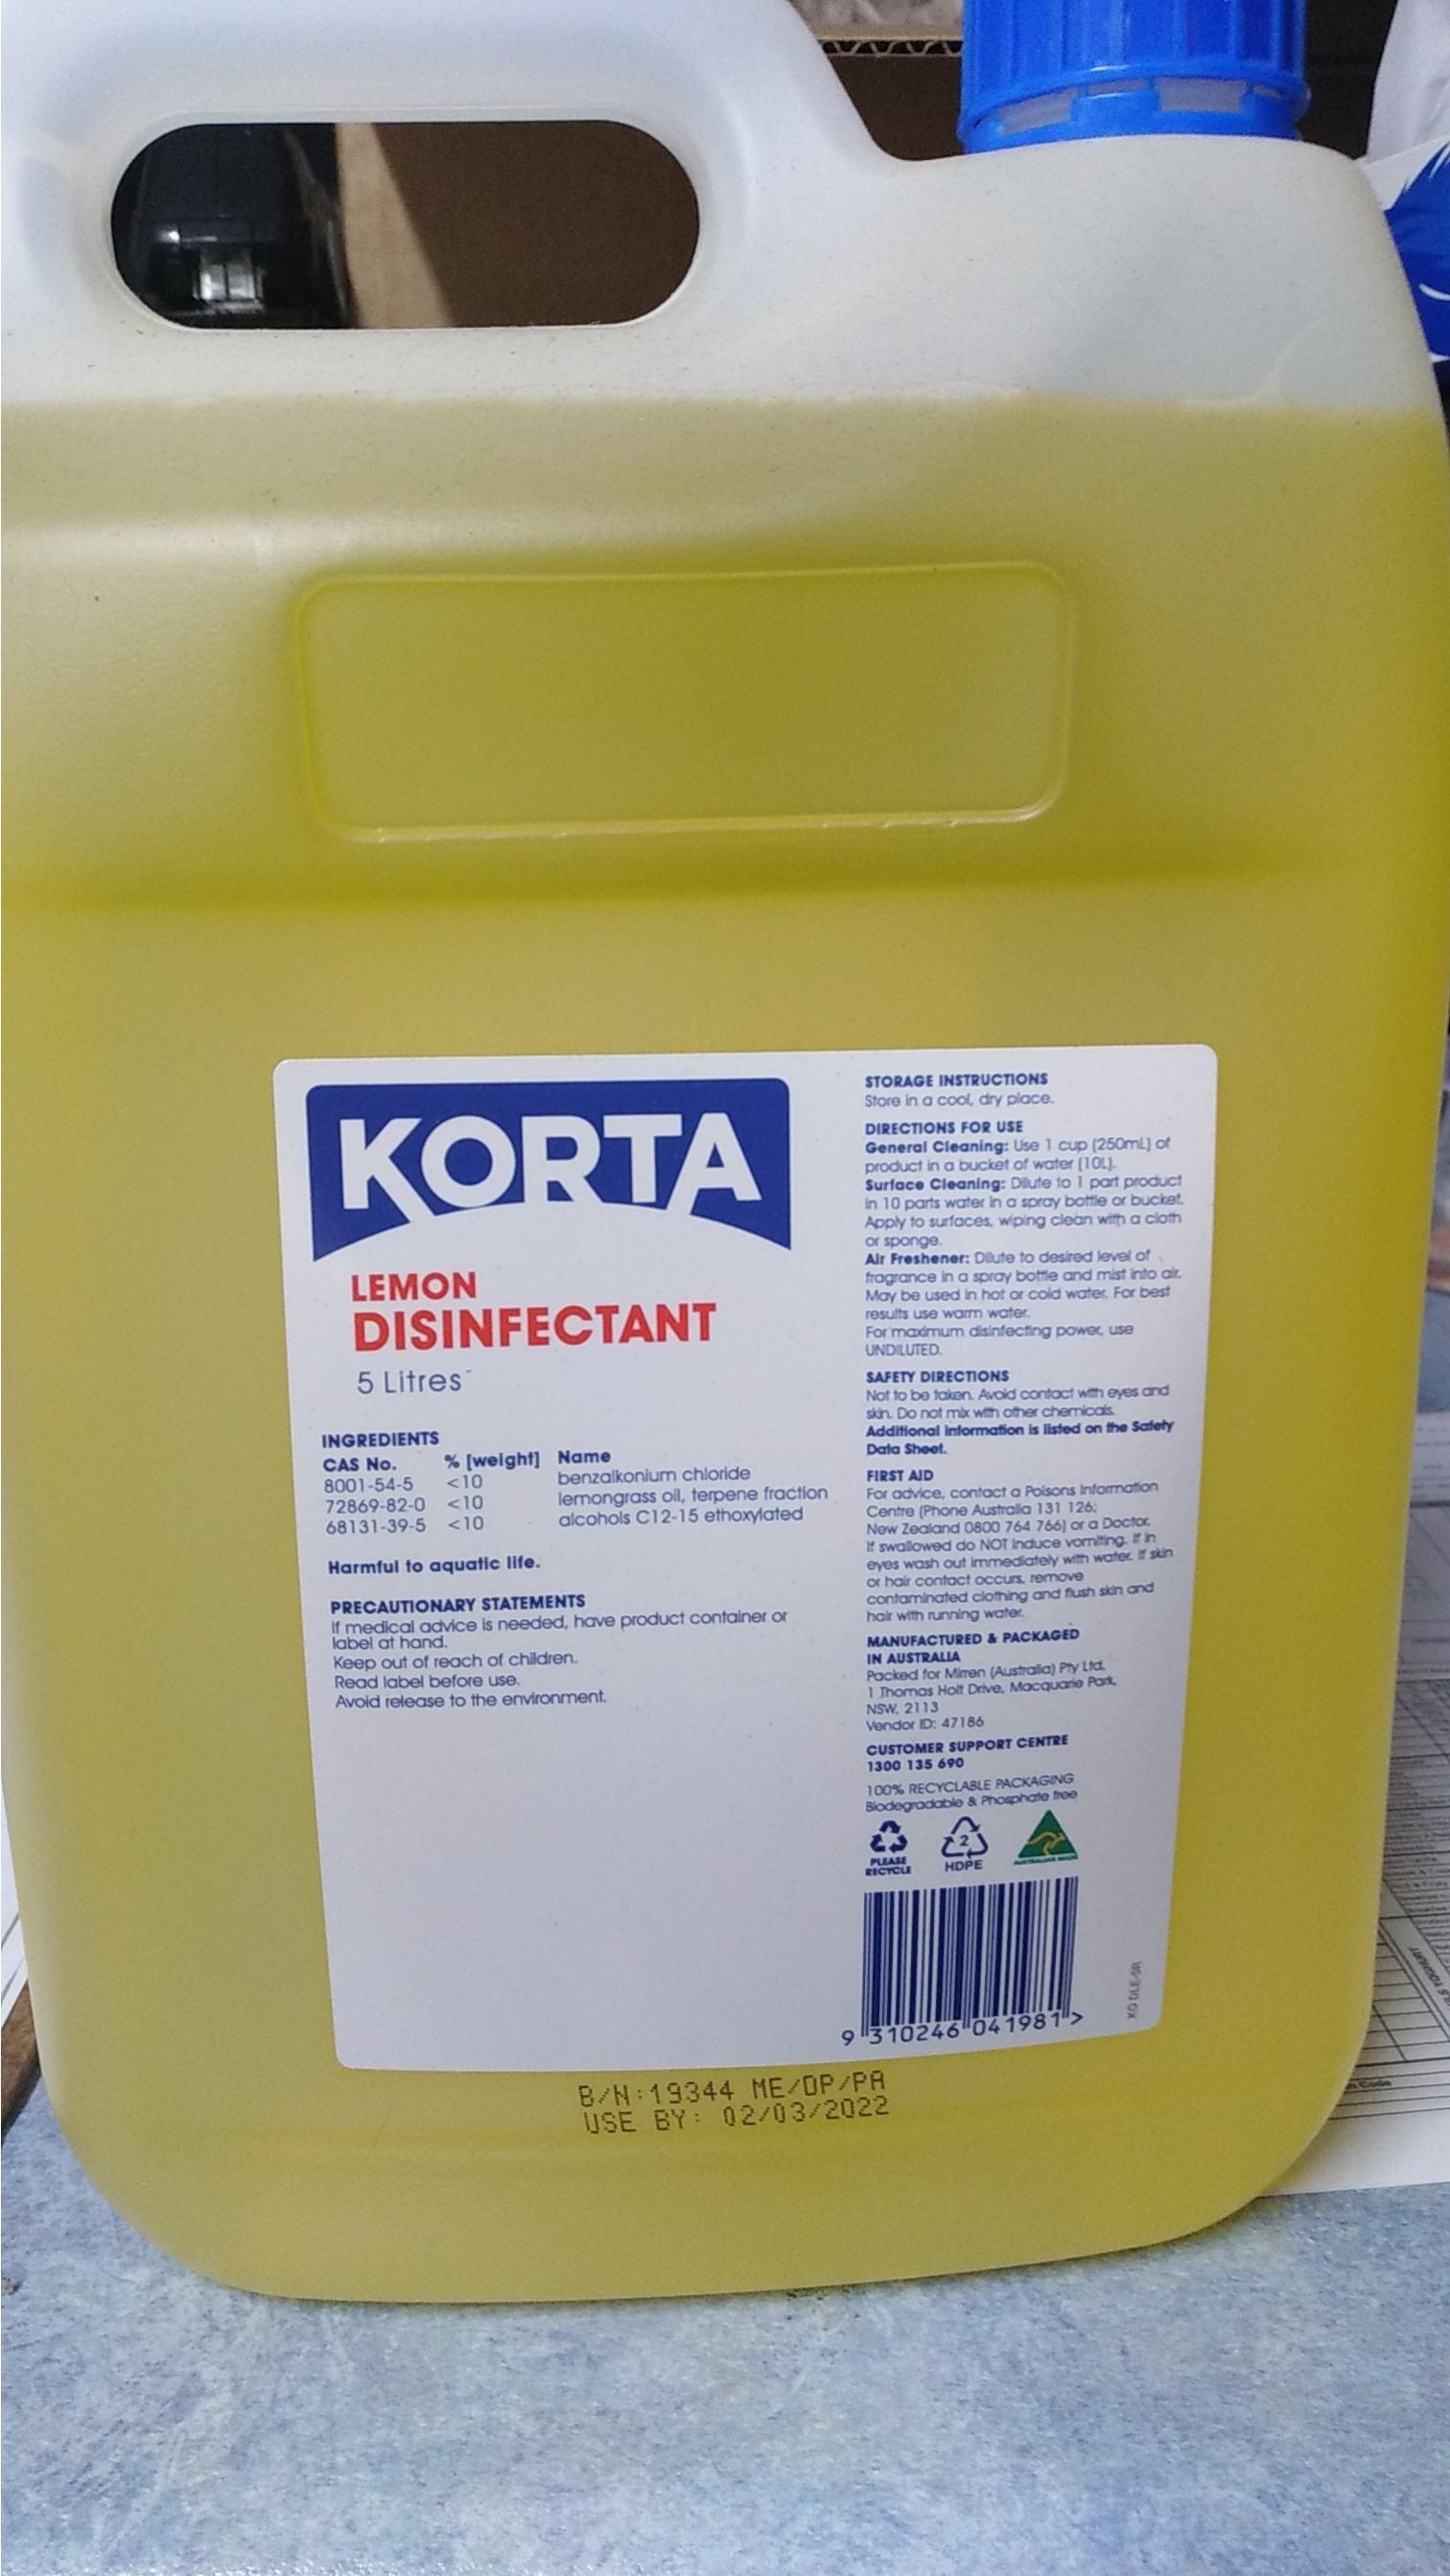 Korta Lemon Disinfectant